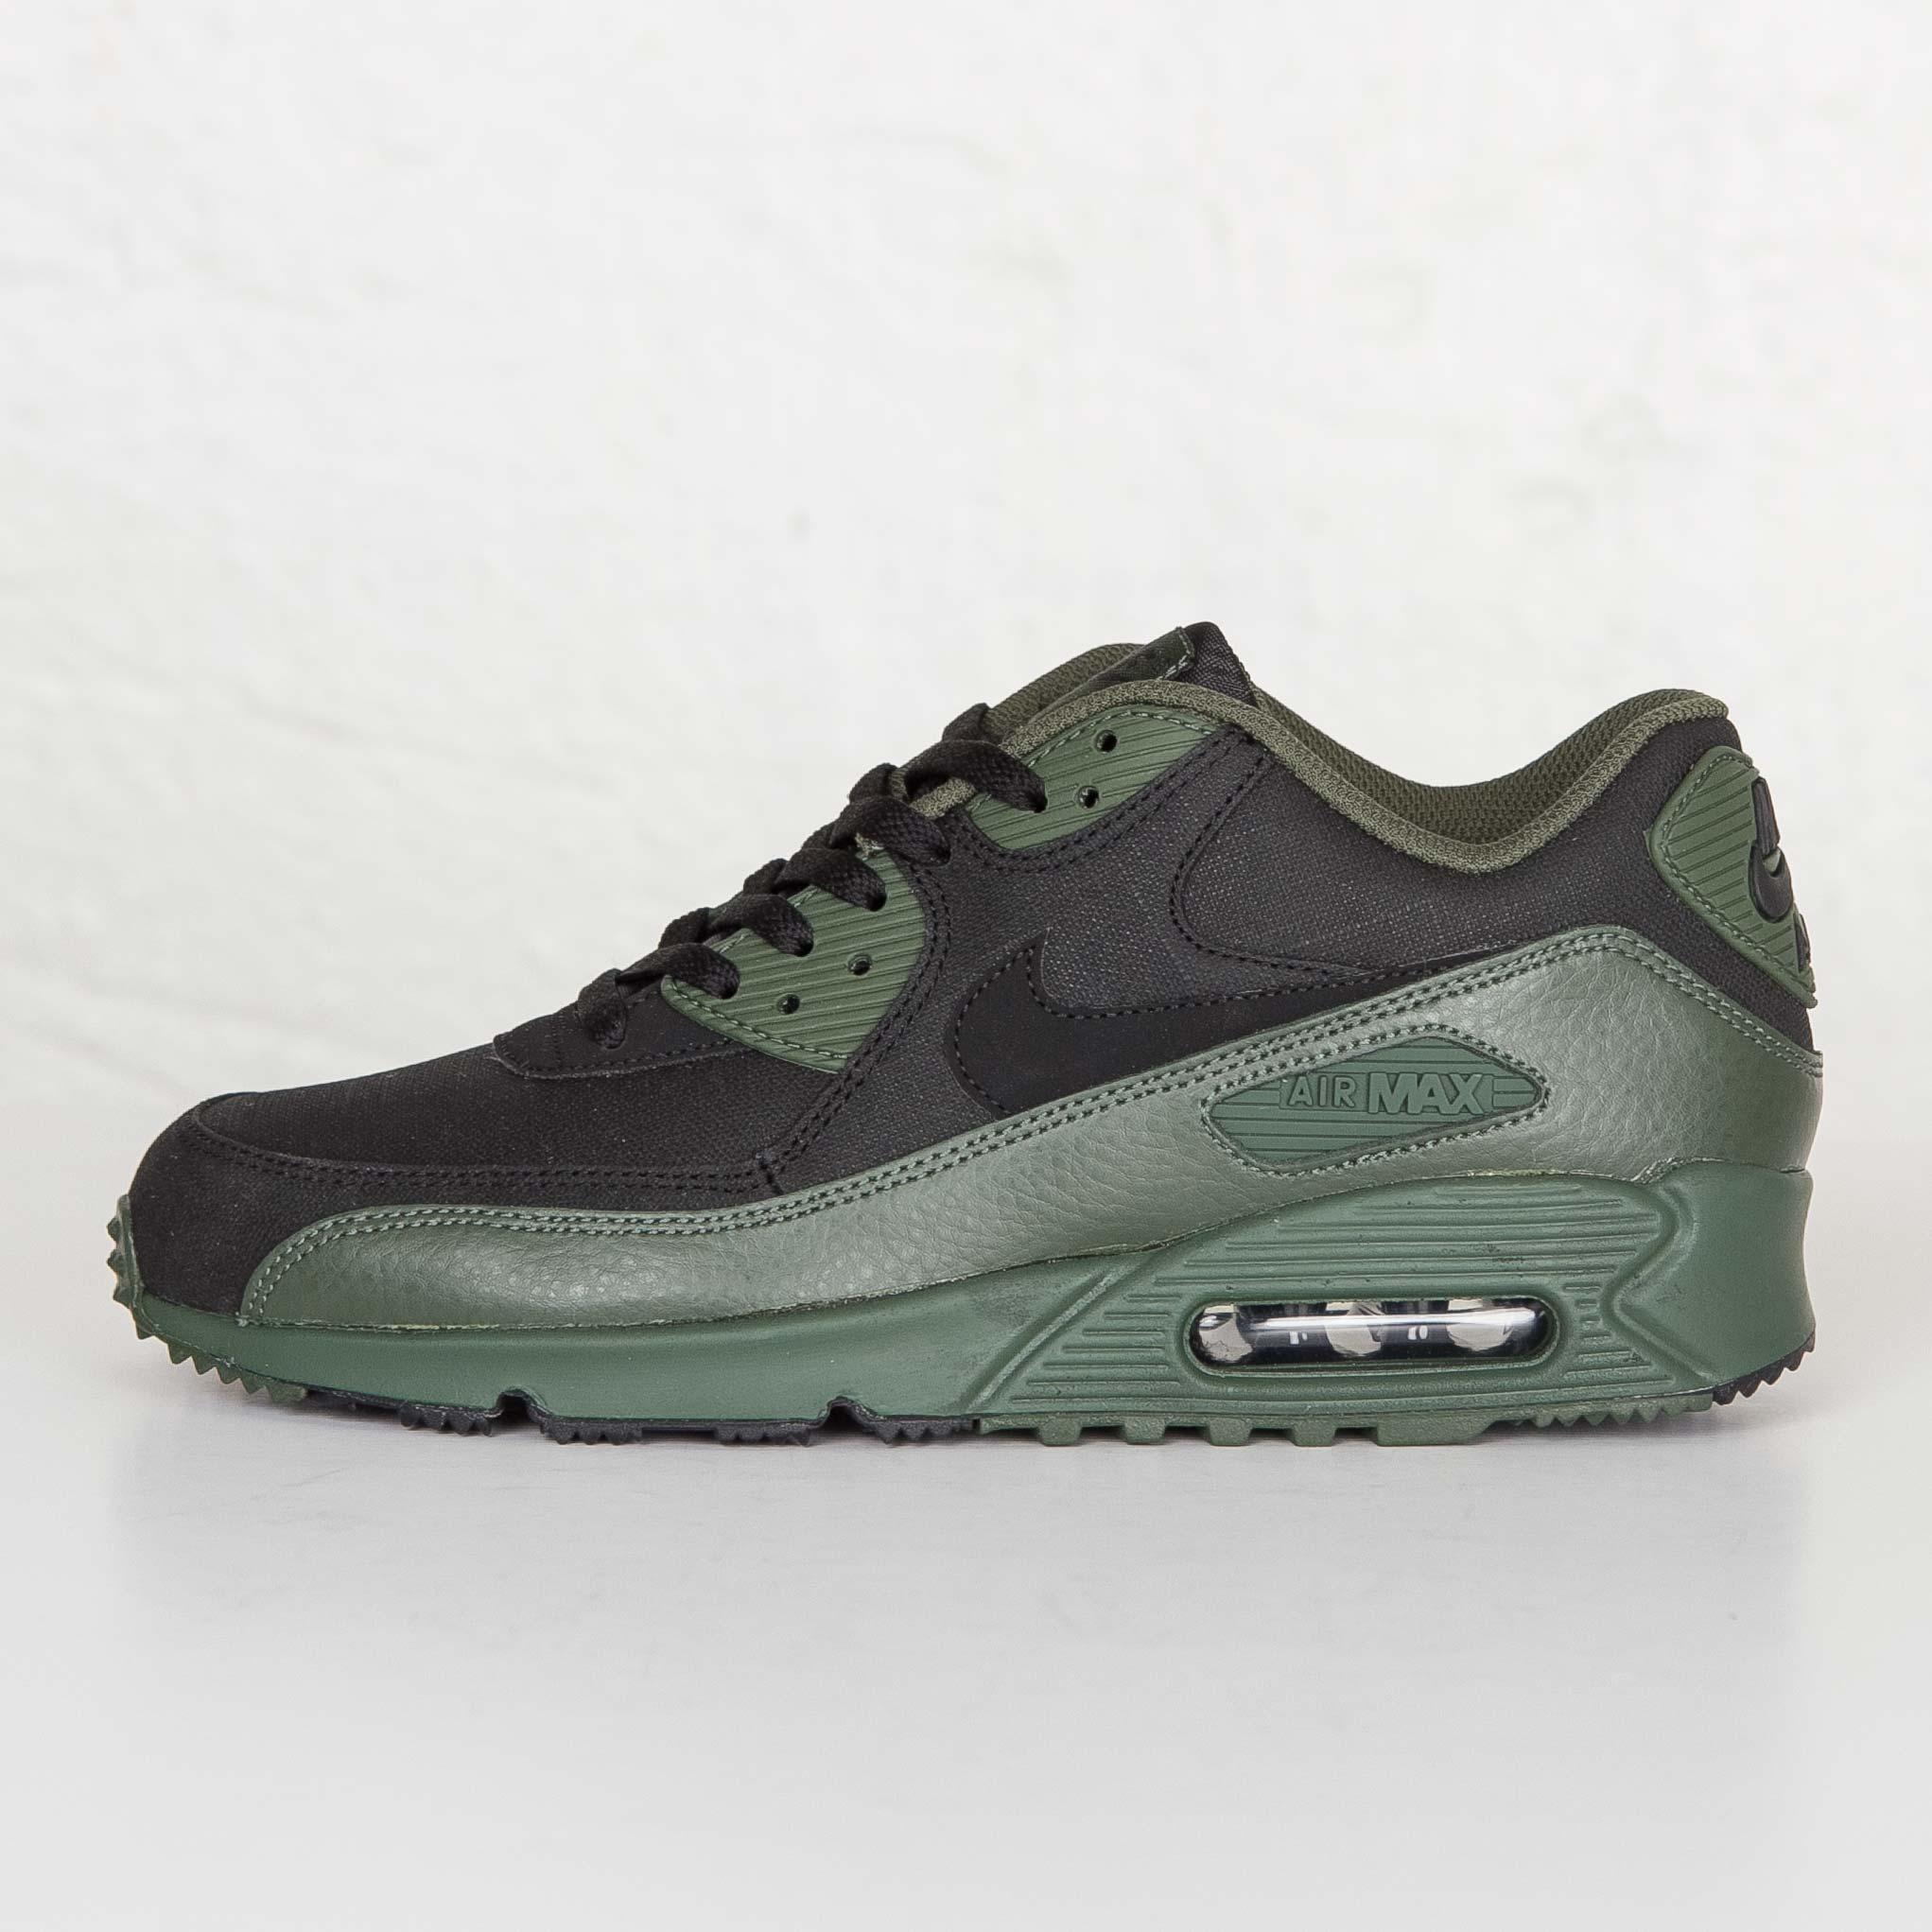 buy online b9504 8b948 Nike Air Max 90 Winter Premium - 6. Close